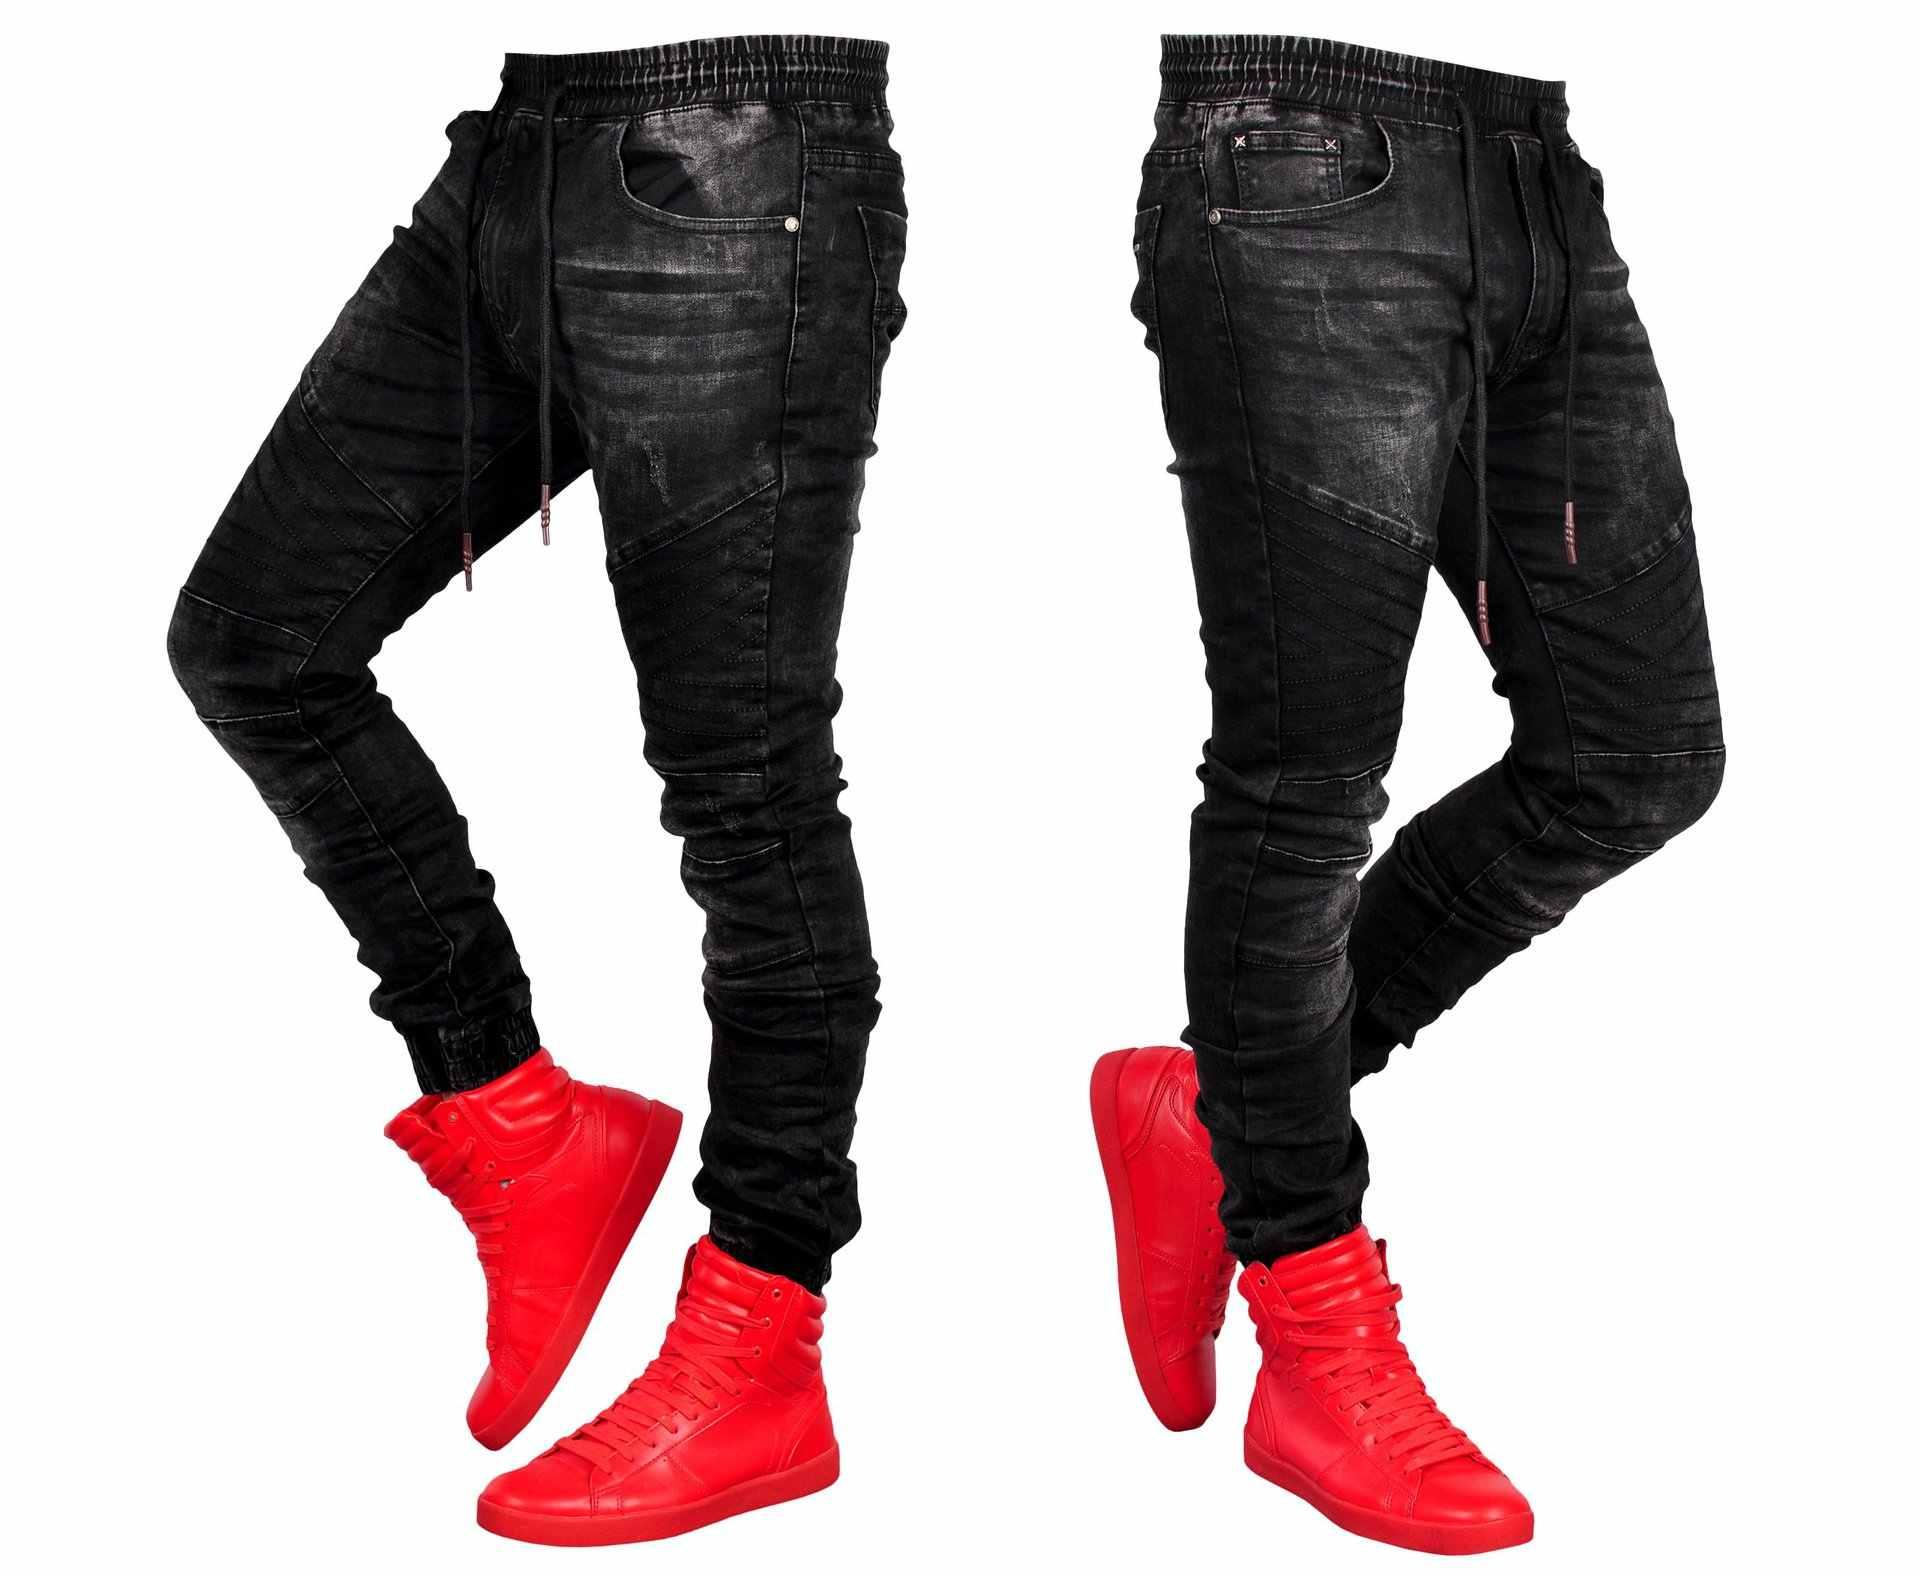 Pantalones Vaqueros Para Hombre Pantalon Mezclilla A La Moda Elasticos Ajustados Negro De Verano 2020 Pantalones Vaqueros Aliexpress